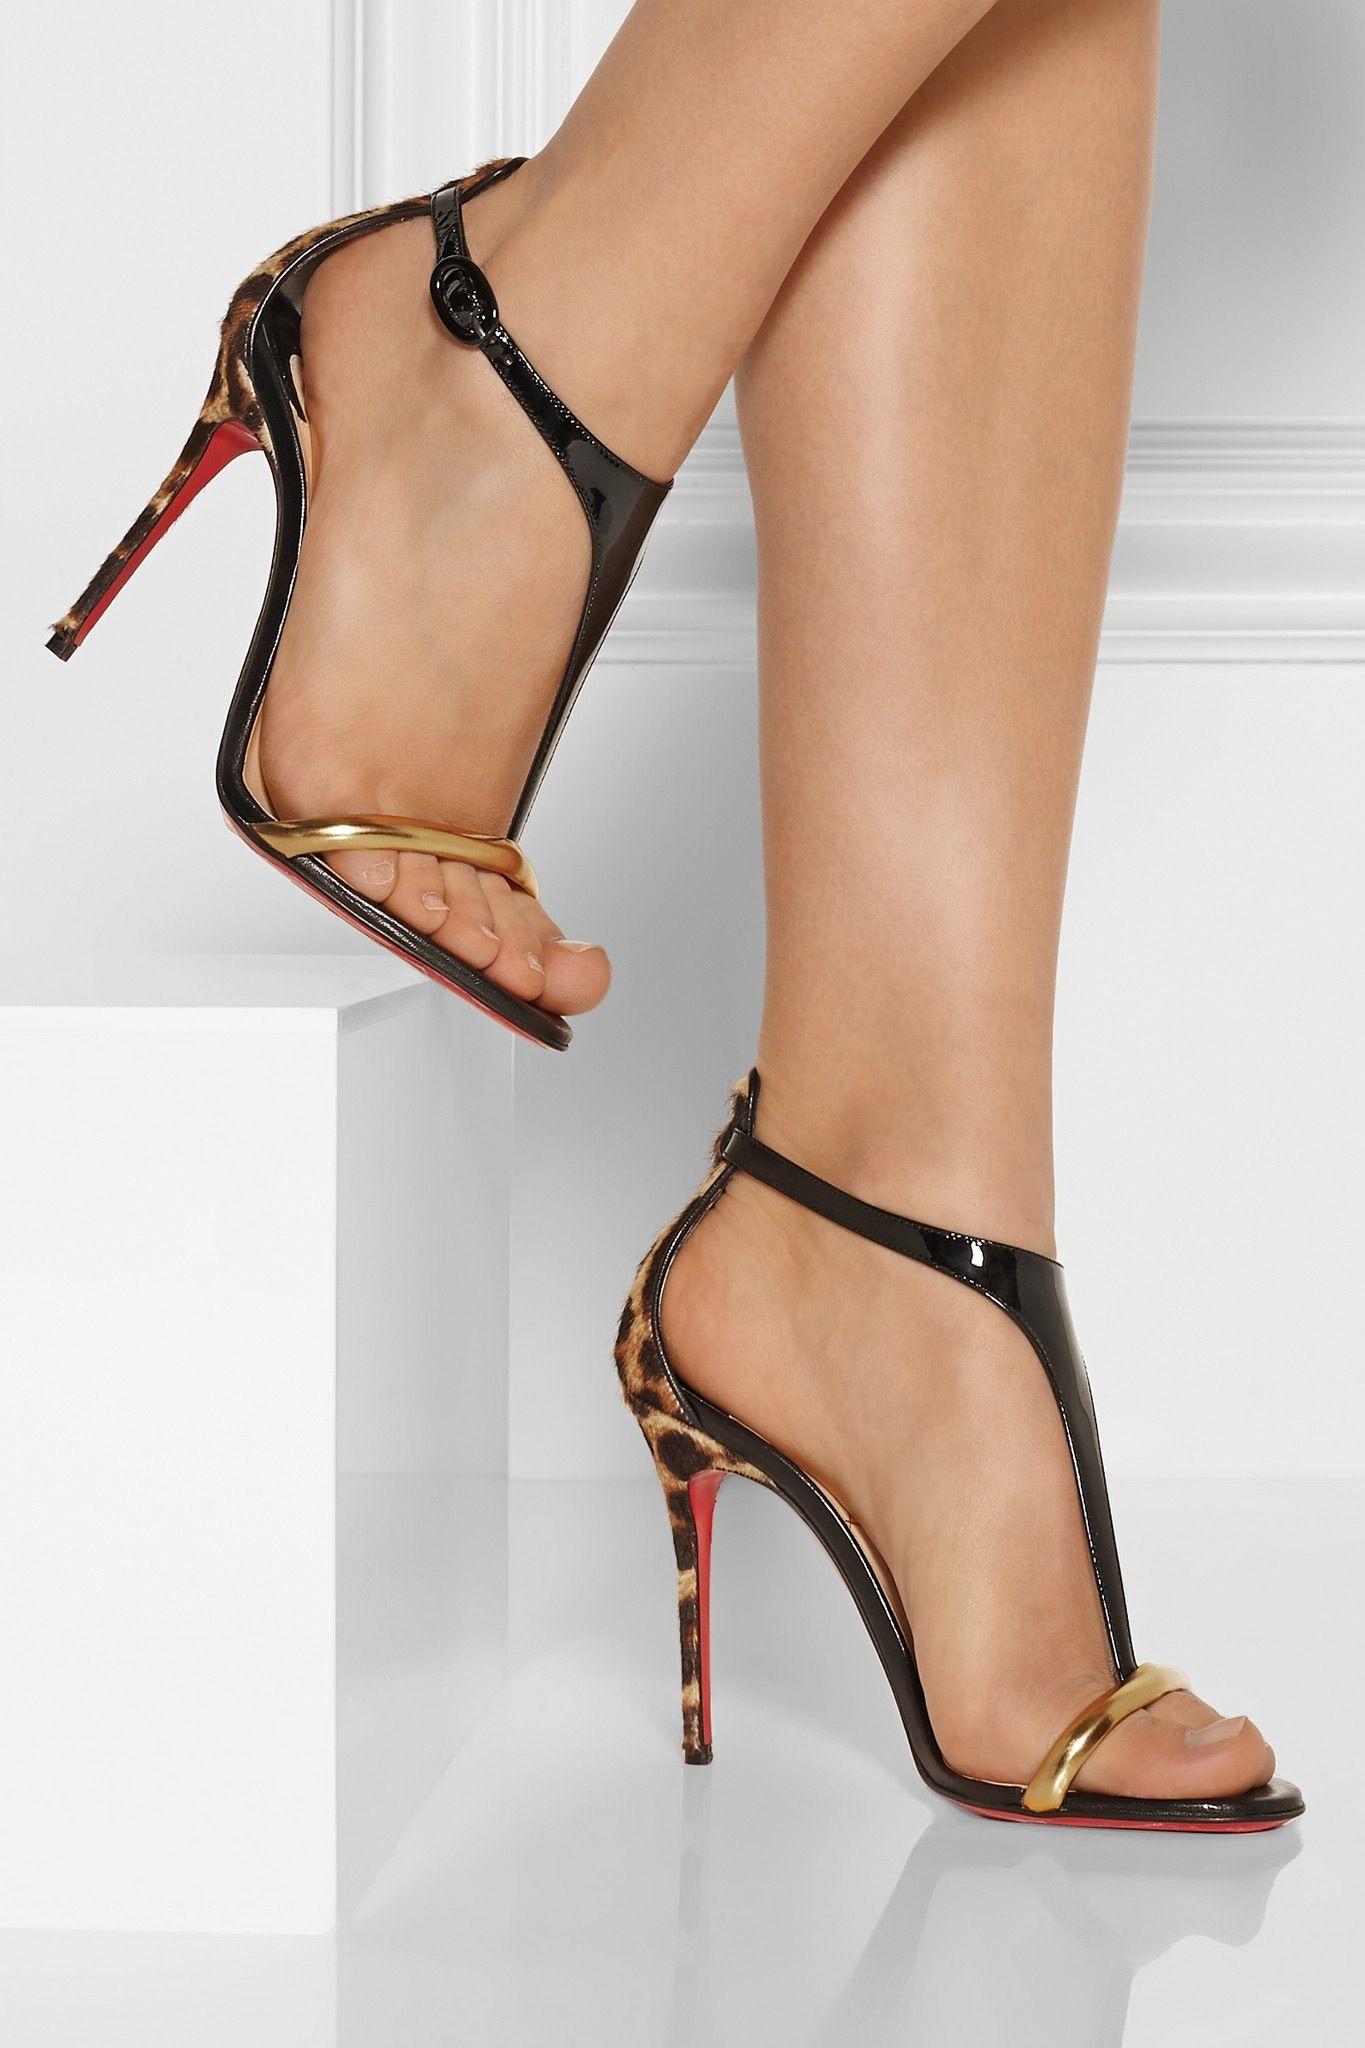 Glitzer Jolies Schuhe ❤️Chaussures LouboutinSandales WEIH9D2